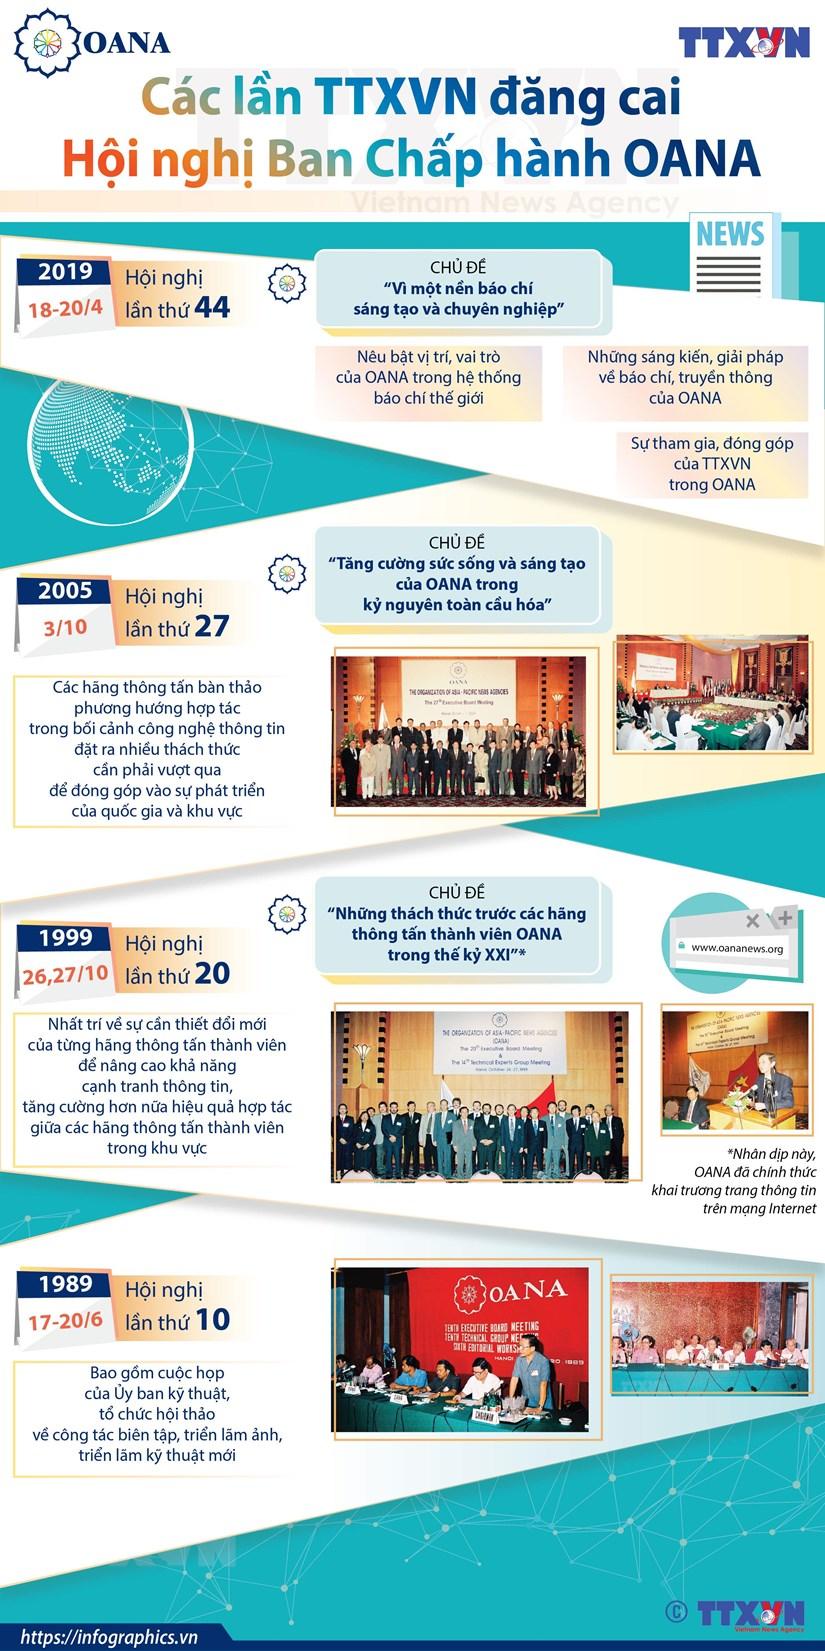 [Infographics] Cac lan TTXVN dang cai Hoi nghi Ban Chap hanh OANA hinh anh 1